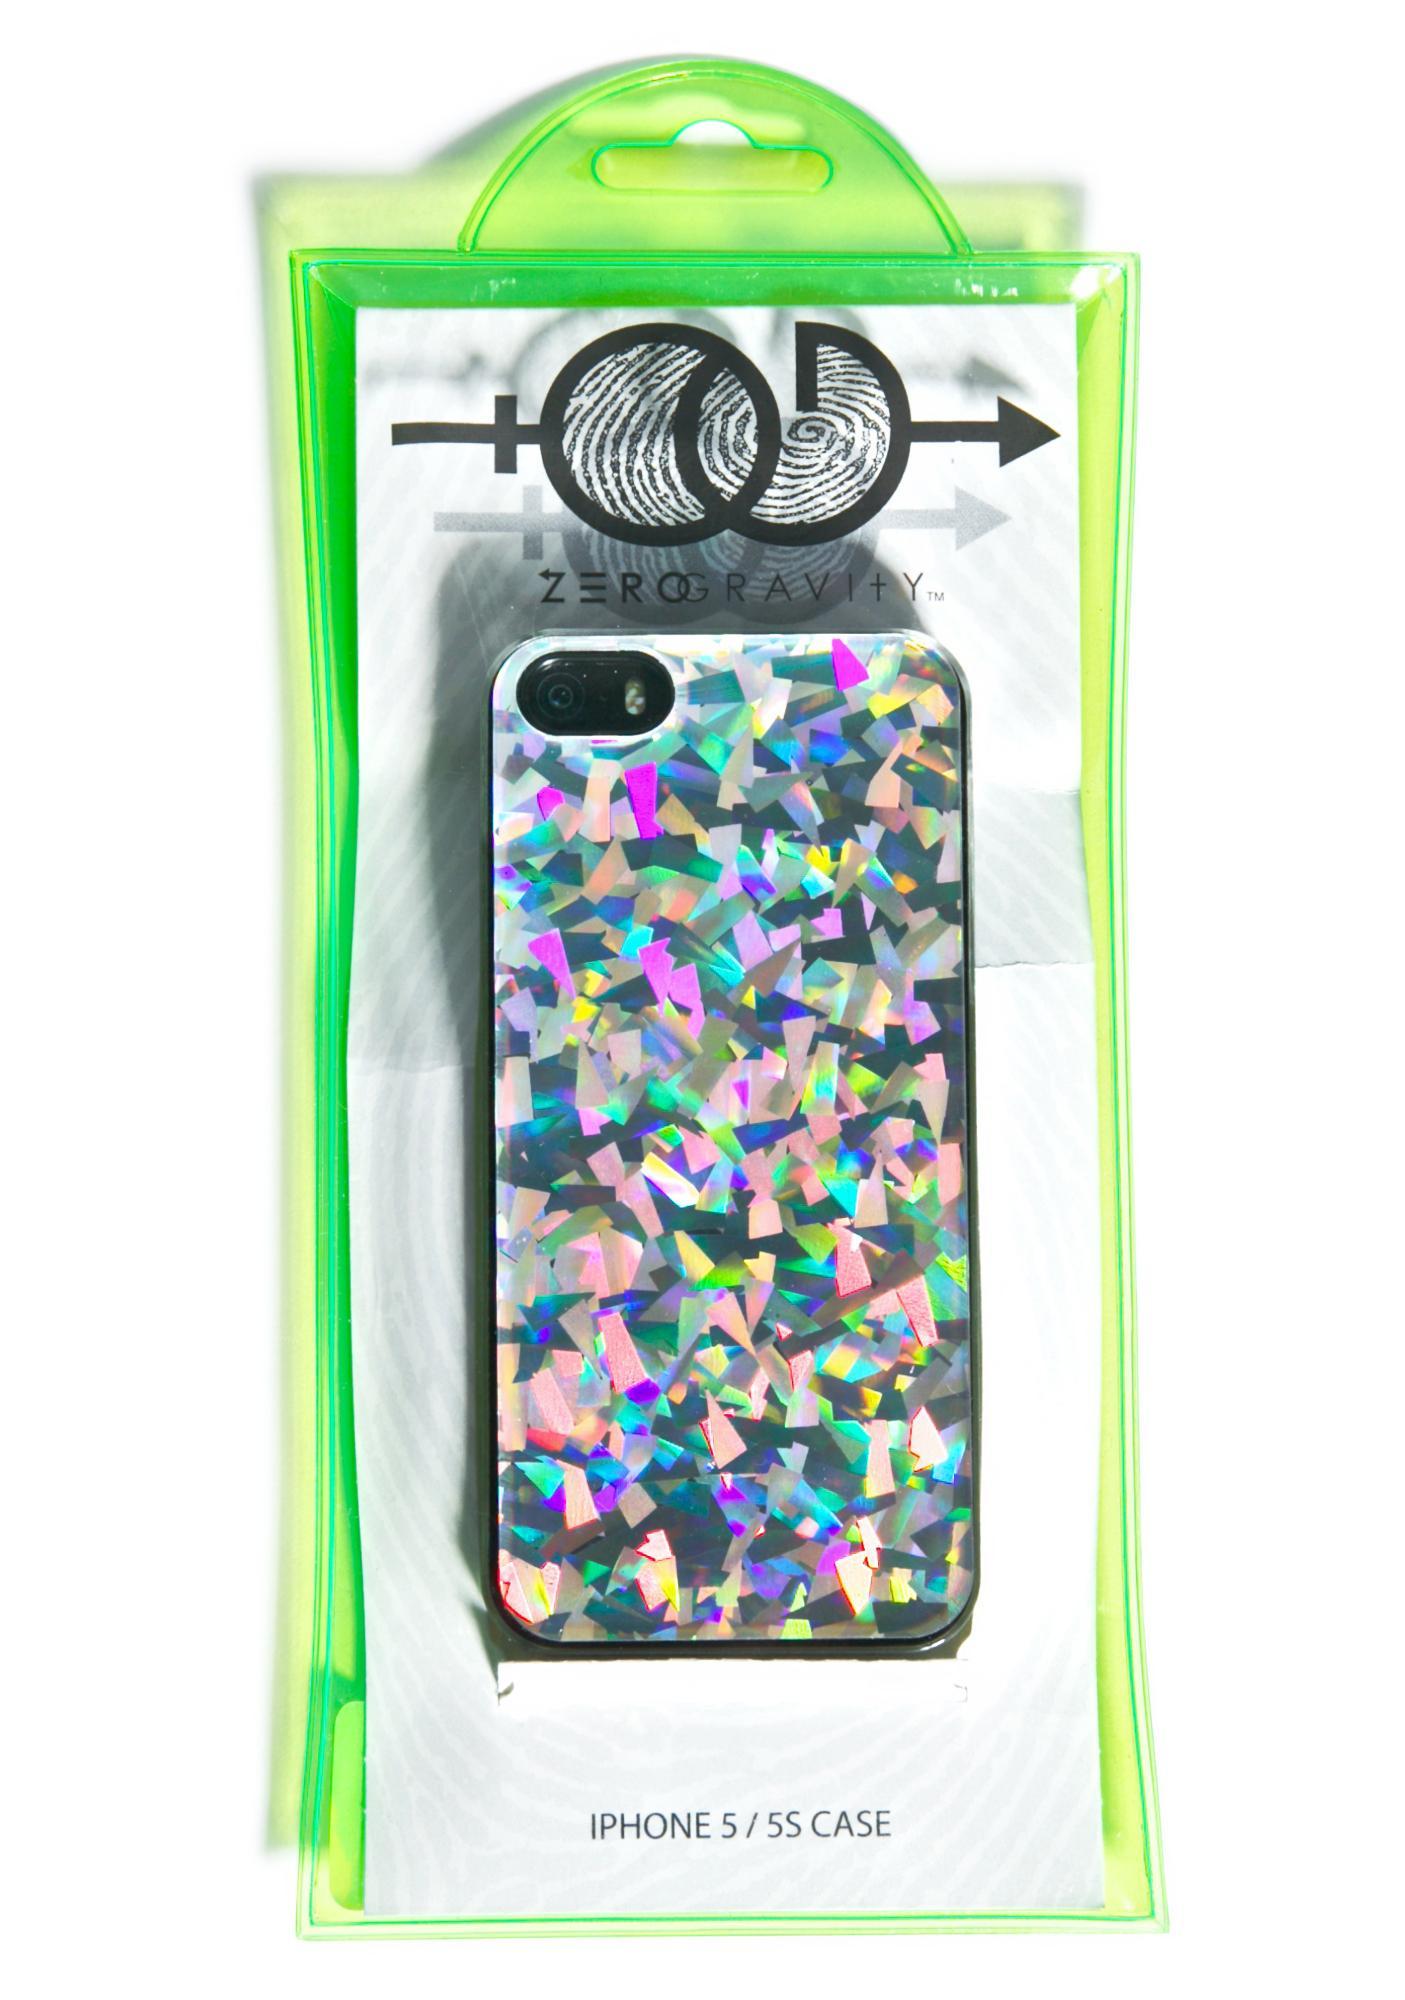 Zero Gravity Andromeda iPhone 5/5S Case